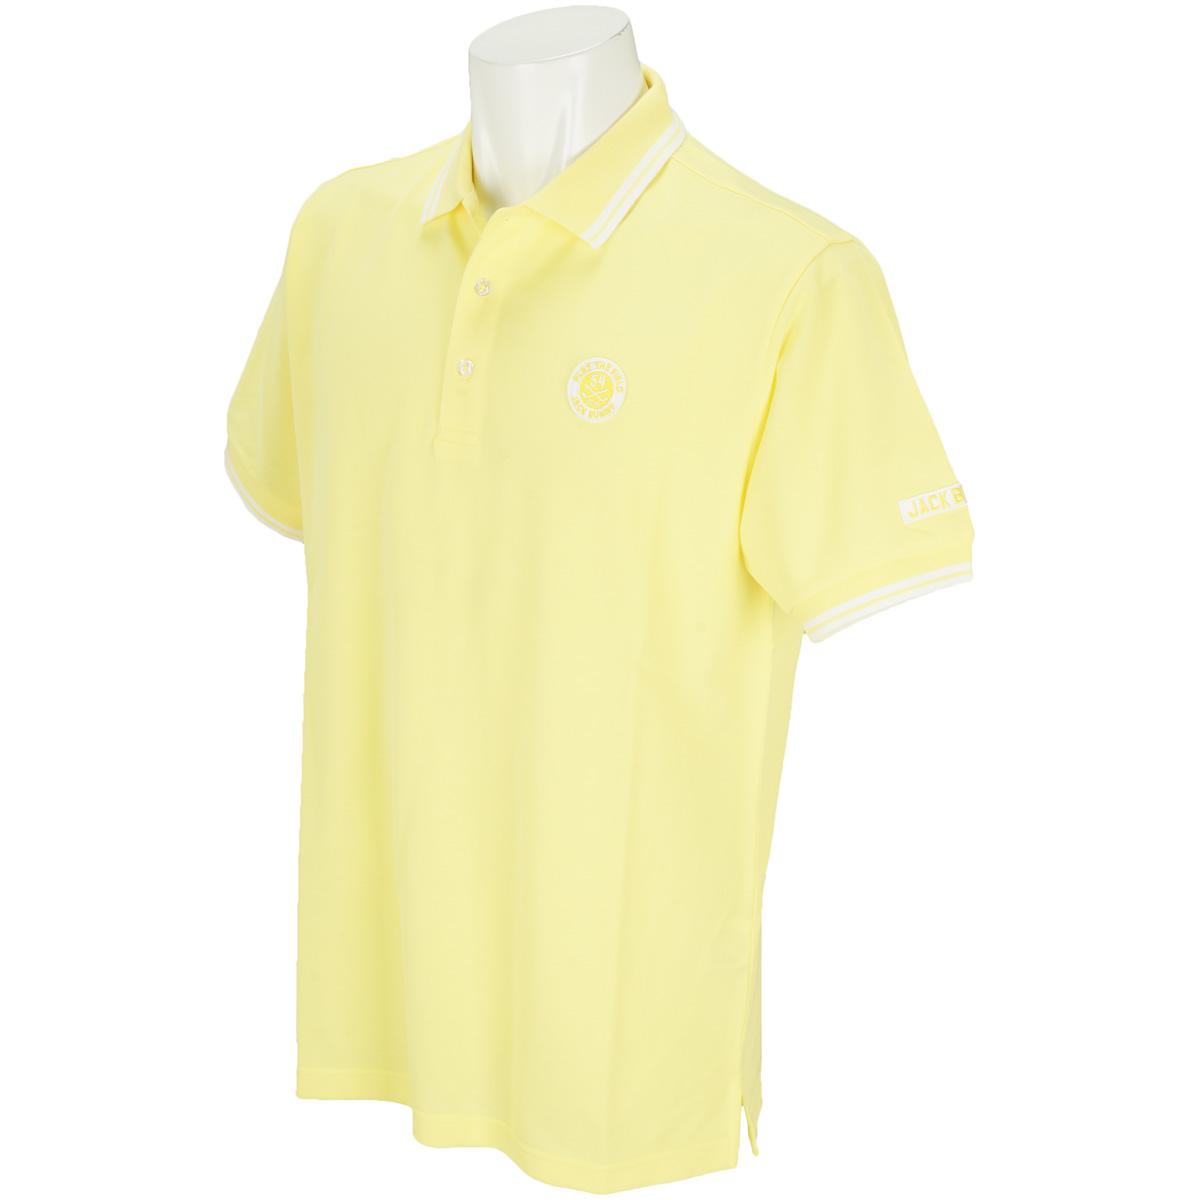 鹿の子シルケット 半袖ポロシャツ